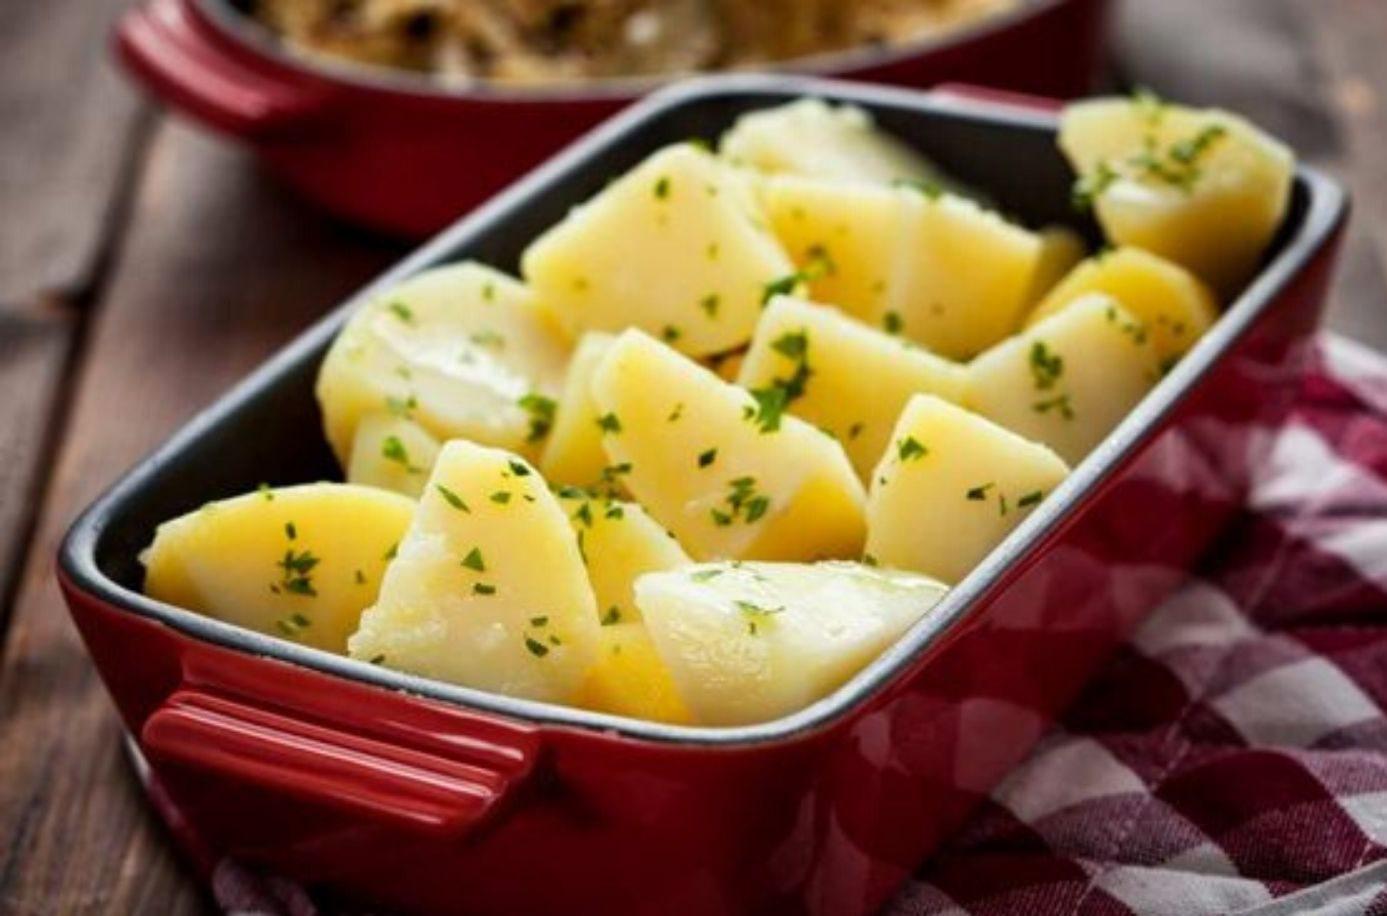 Come condire le patate lesse fredde